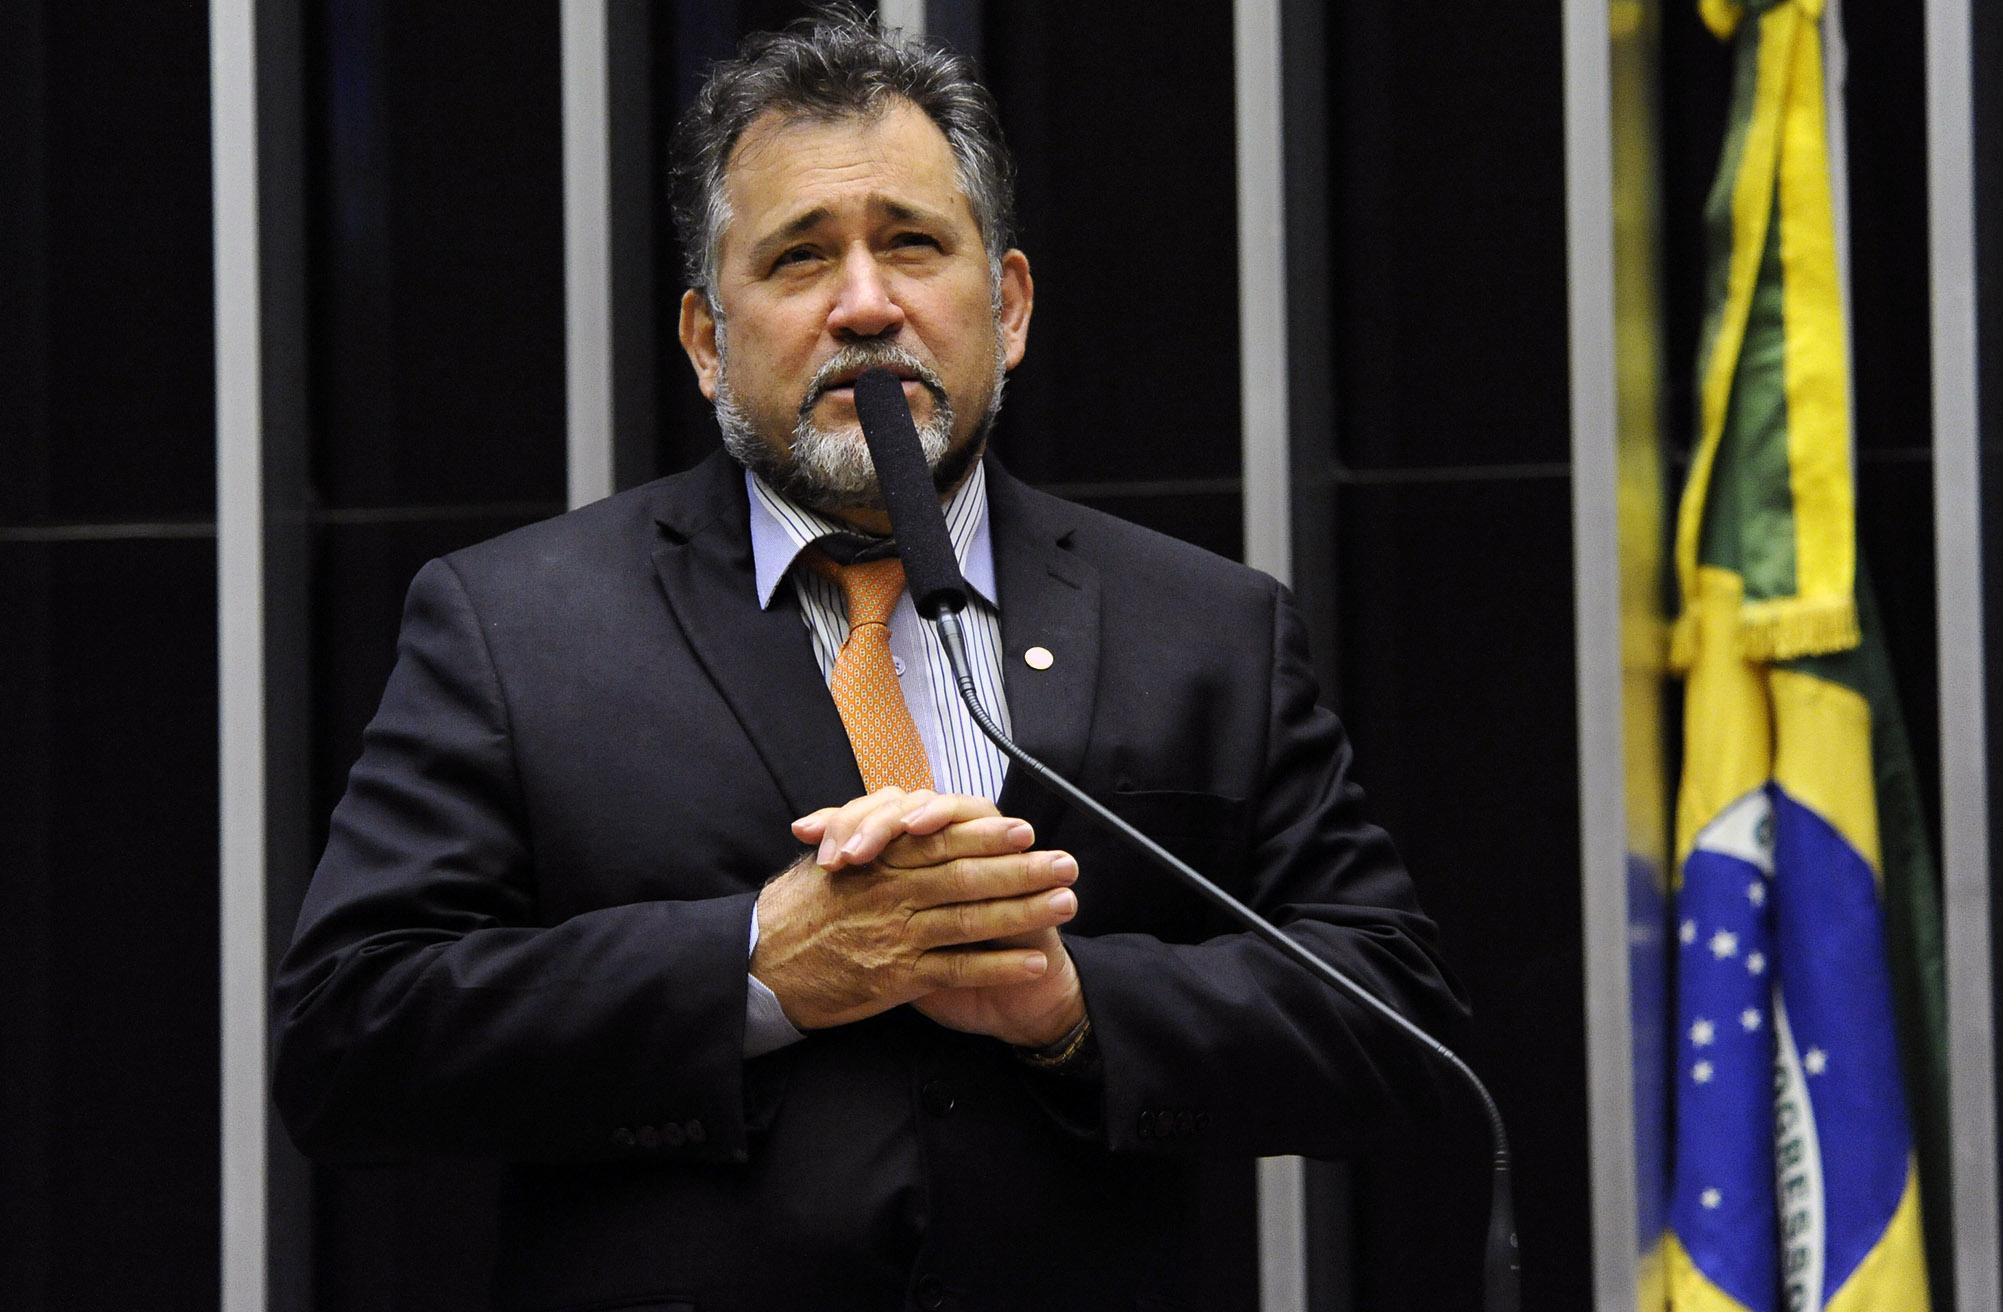 Homenagem aos Sessenta Anos de Fundação da Universidade Federal do Pará (UFPA). Dep. Zé Geraldo (PT - PA)